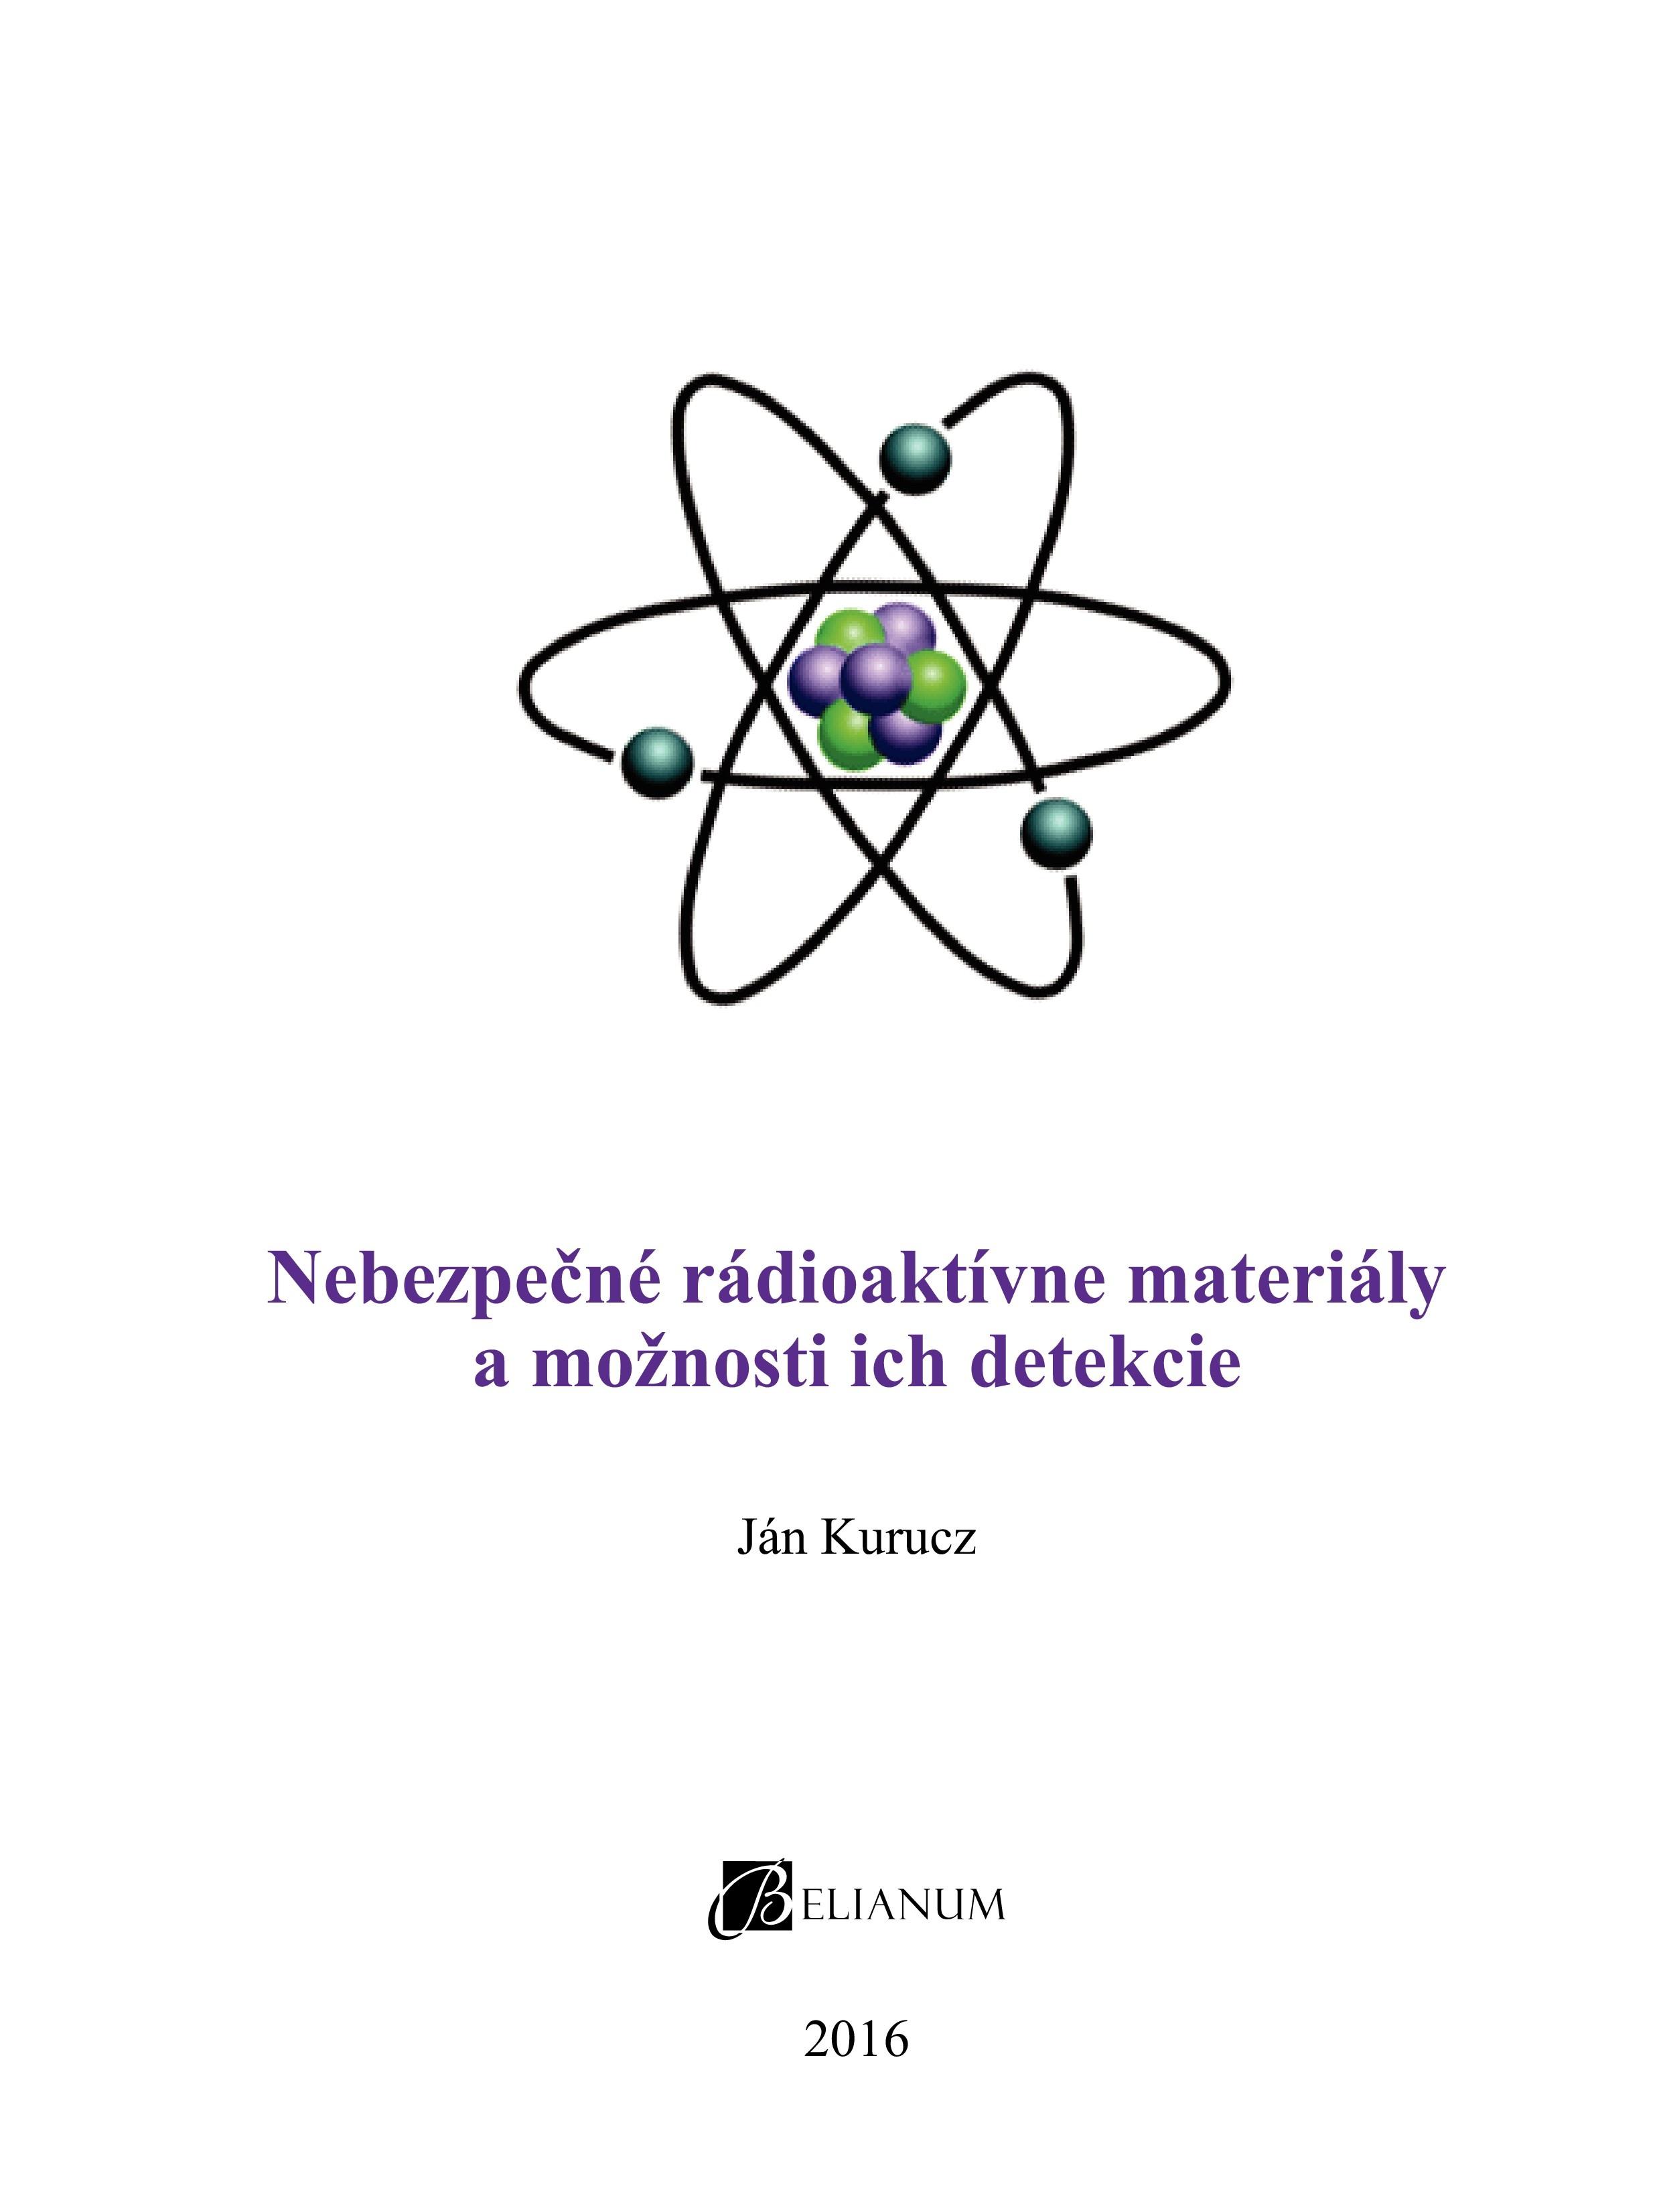 Nebezpečné rádioaktívne materiály a možnosti ich detekcie